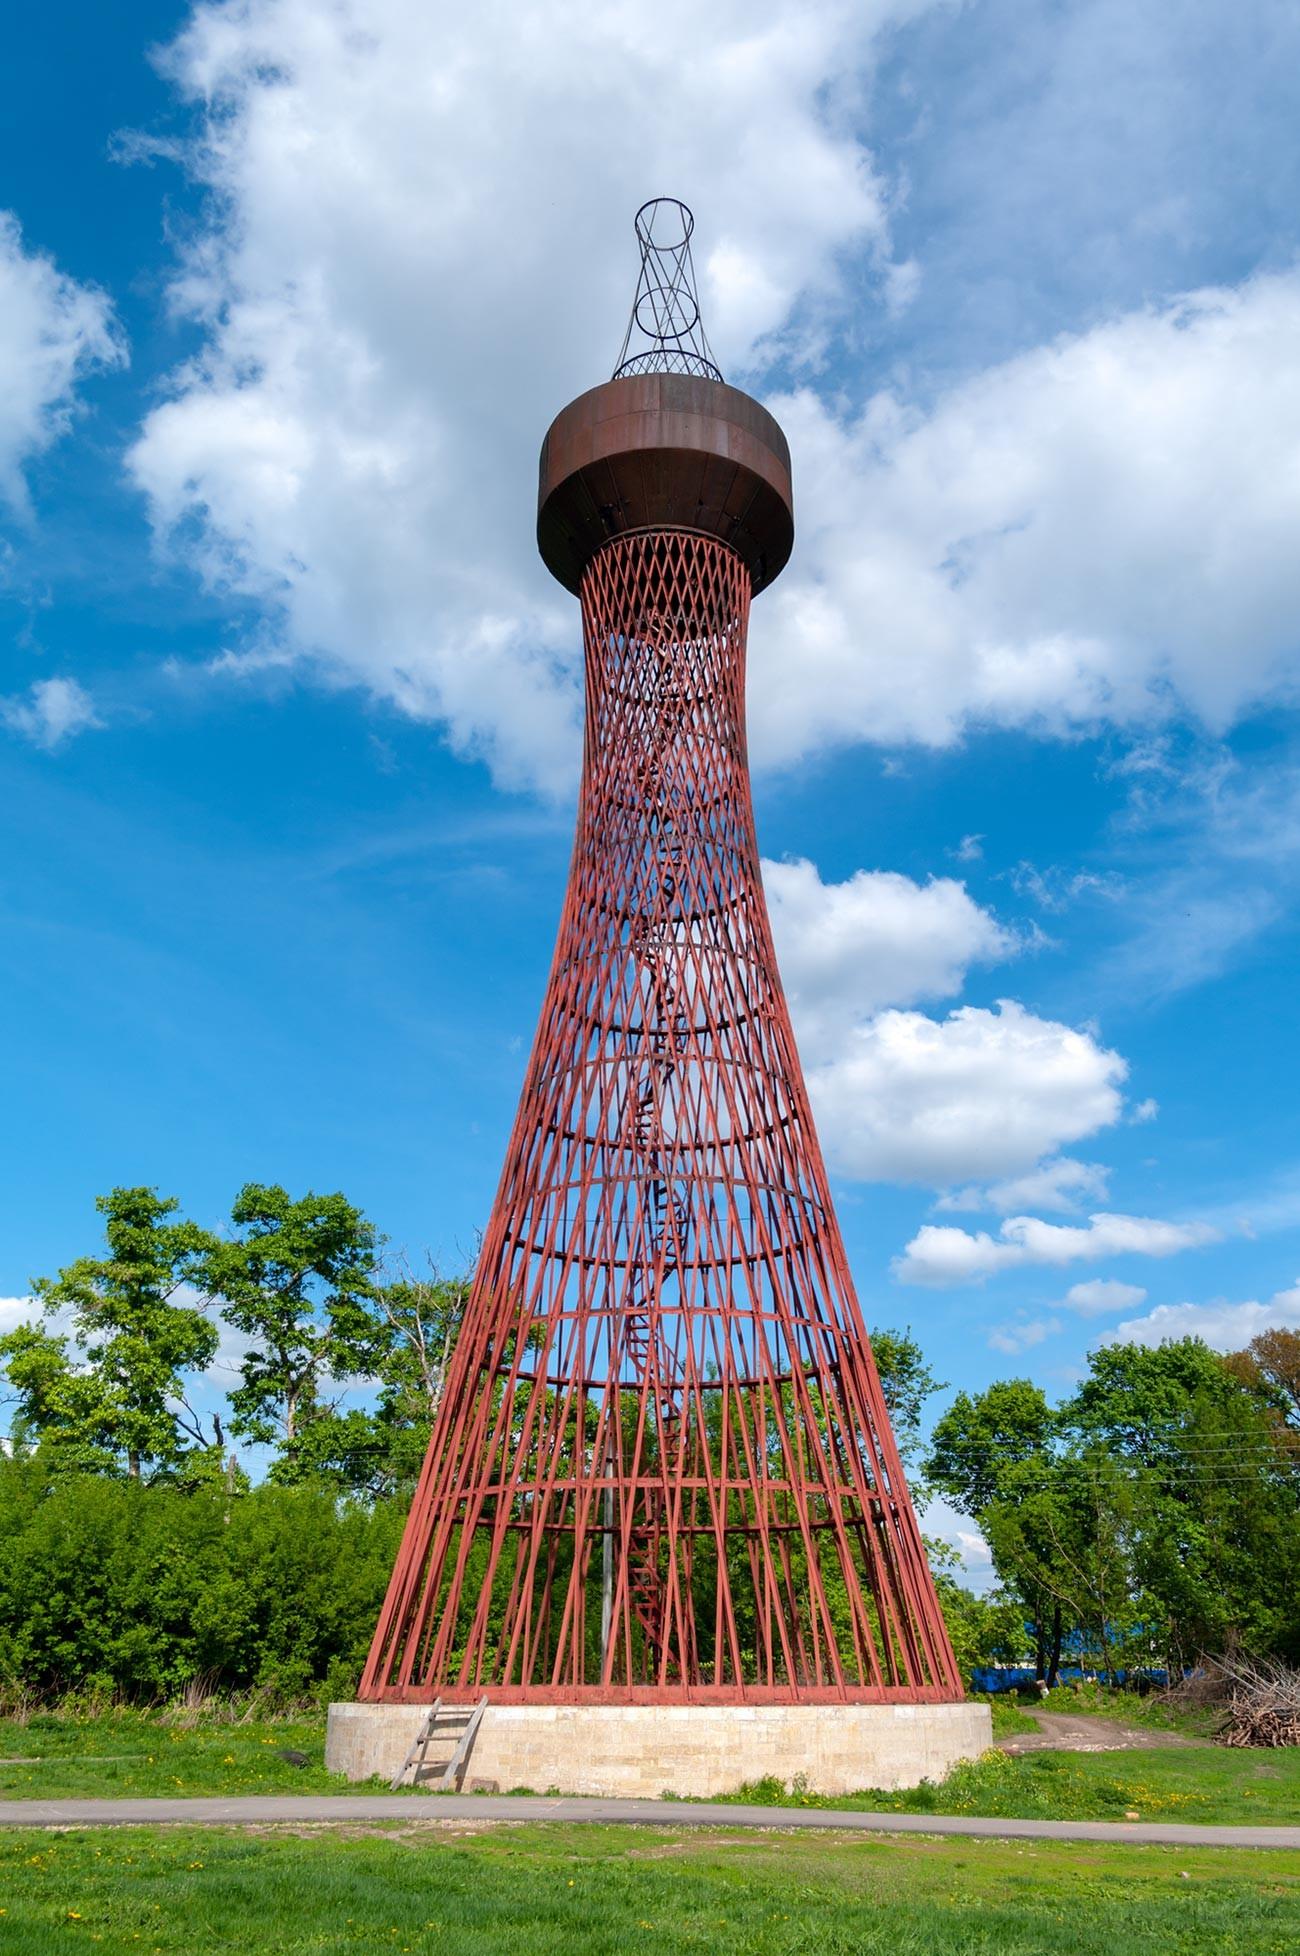 Shukhov's first hyperboloid tower in Polibino, Lipetsk oblast'.